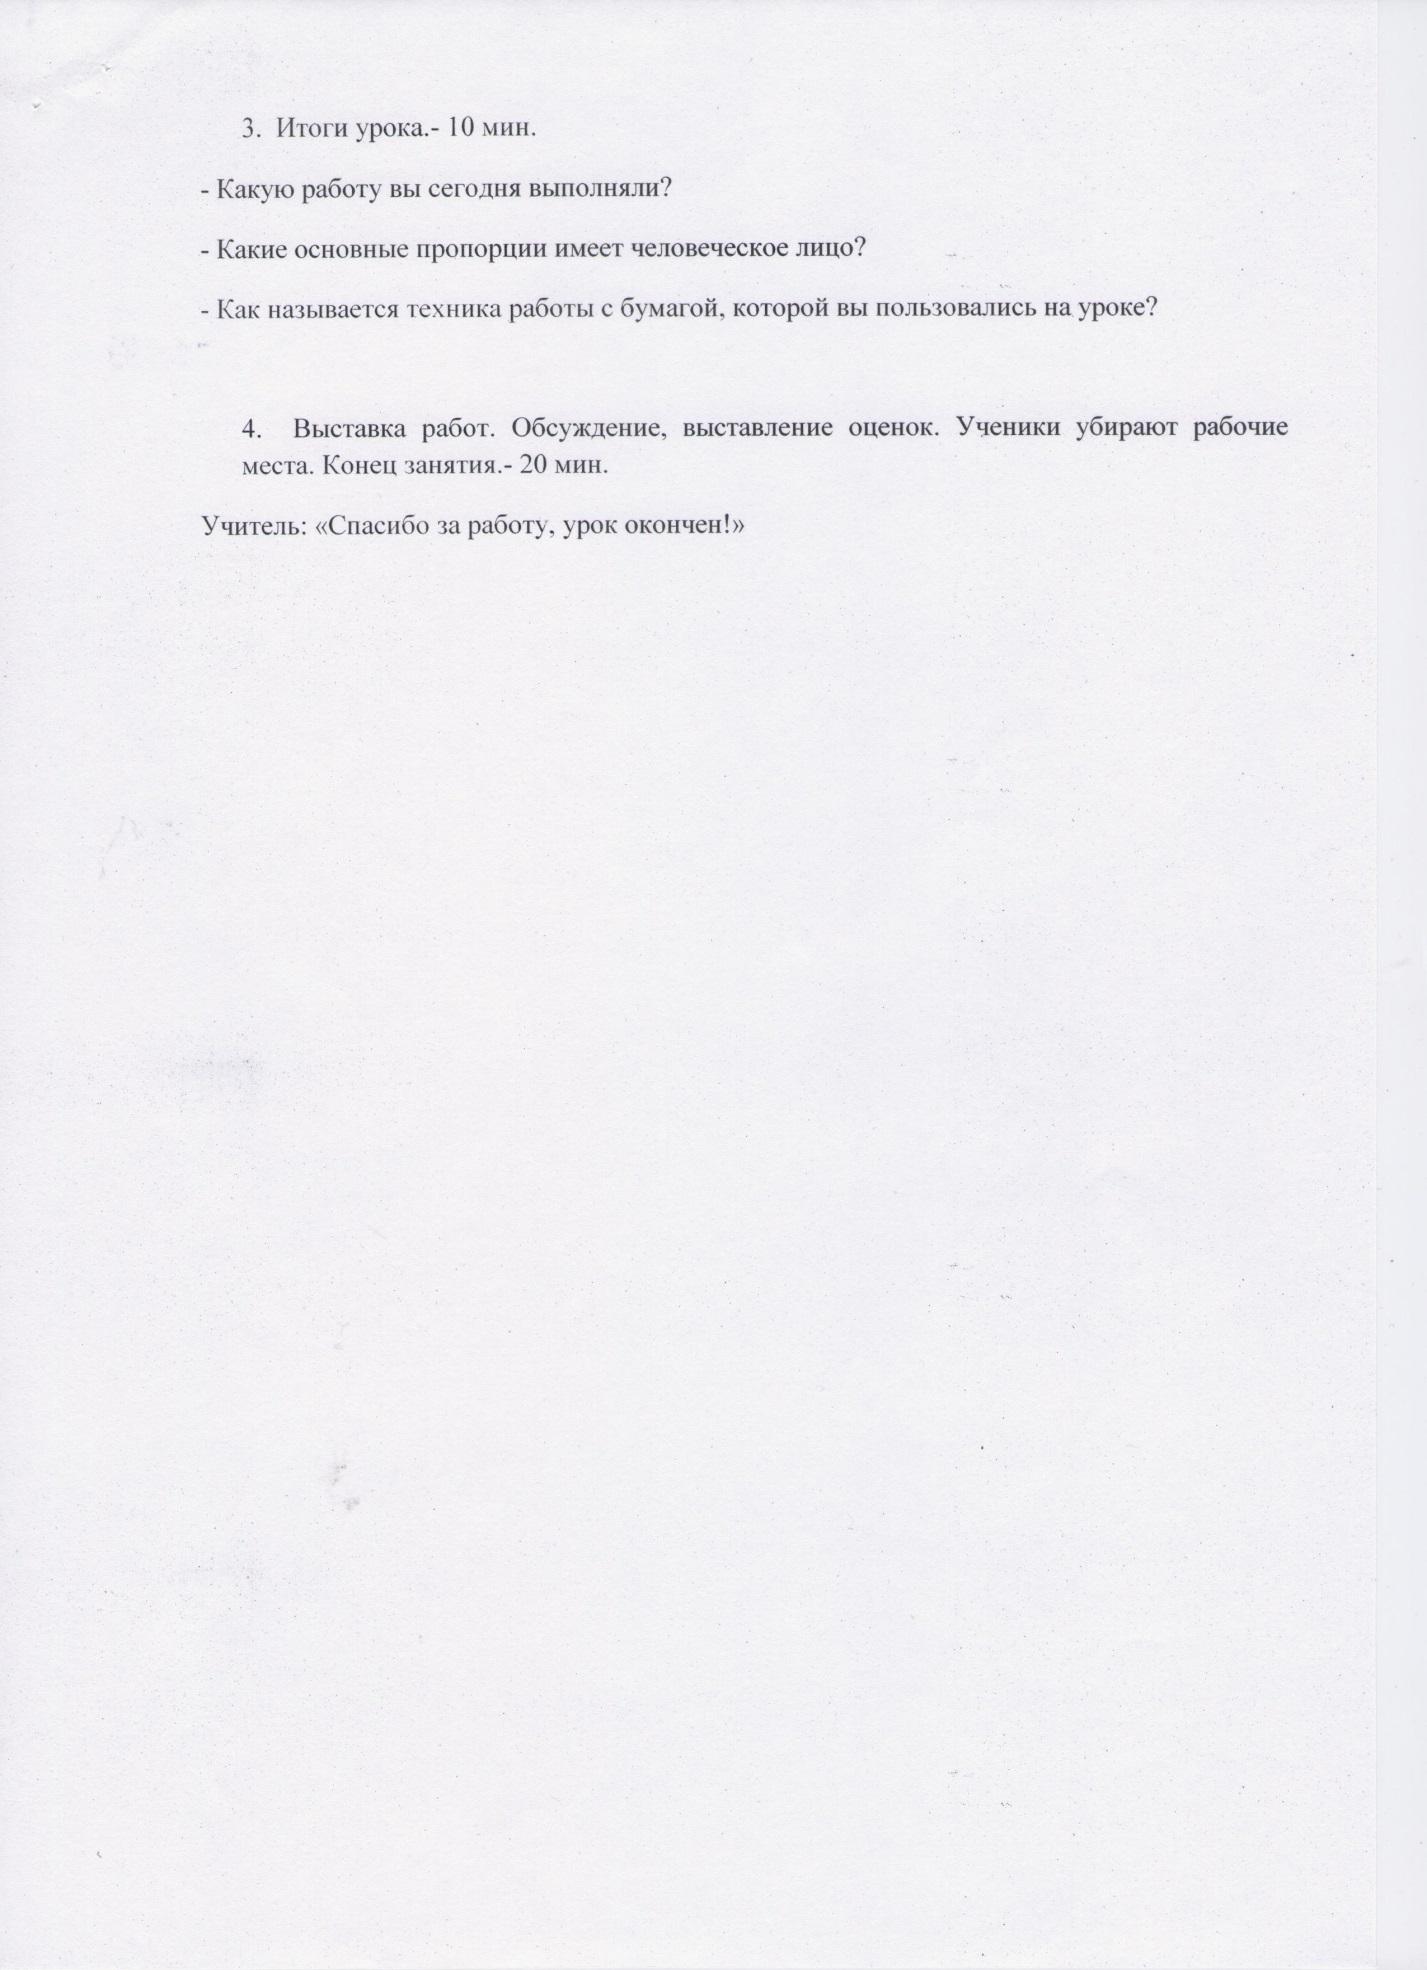 D:\с флешки\Методическая разработка\5. Занятие №2.jpg